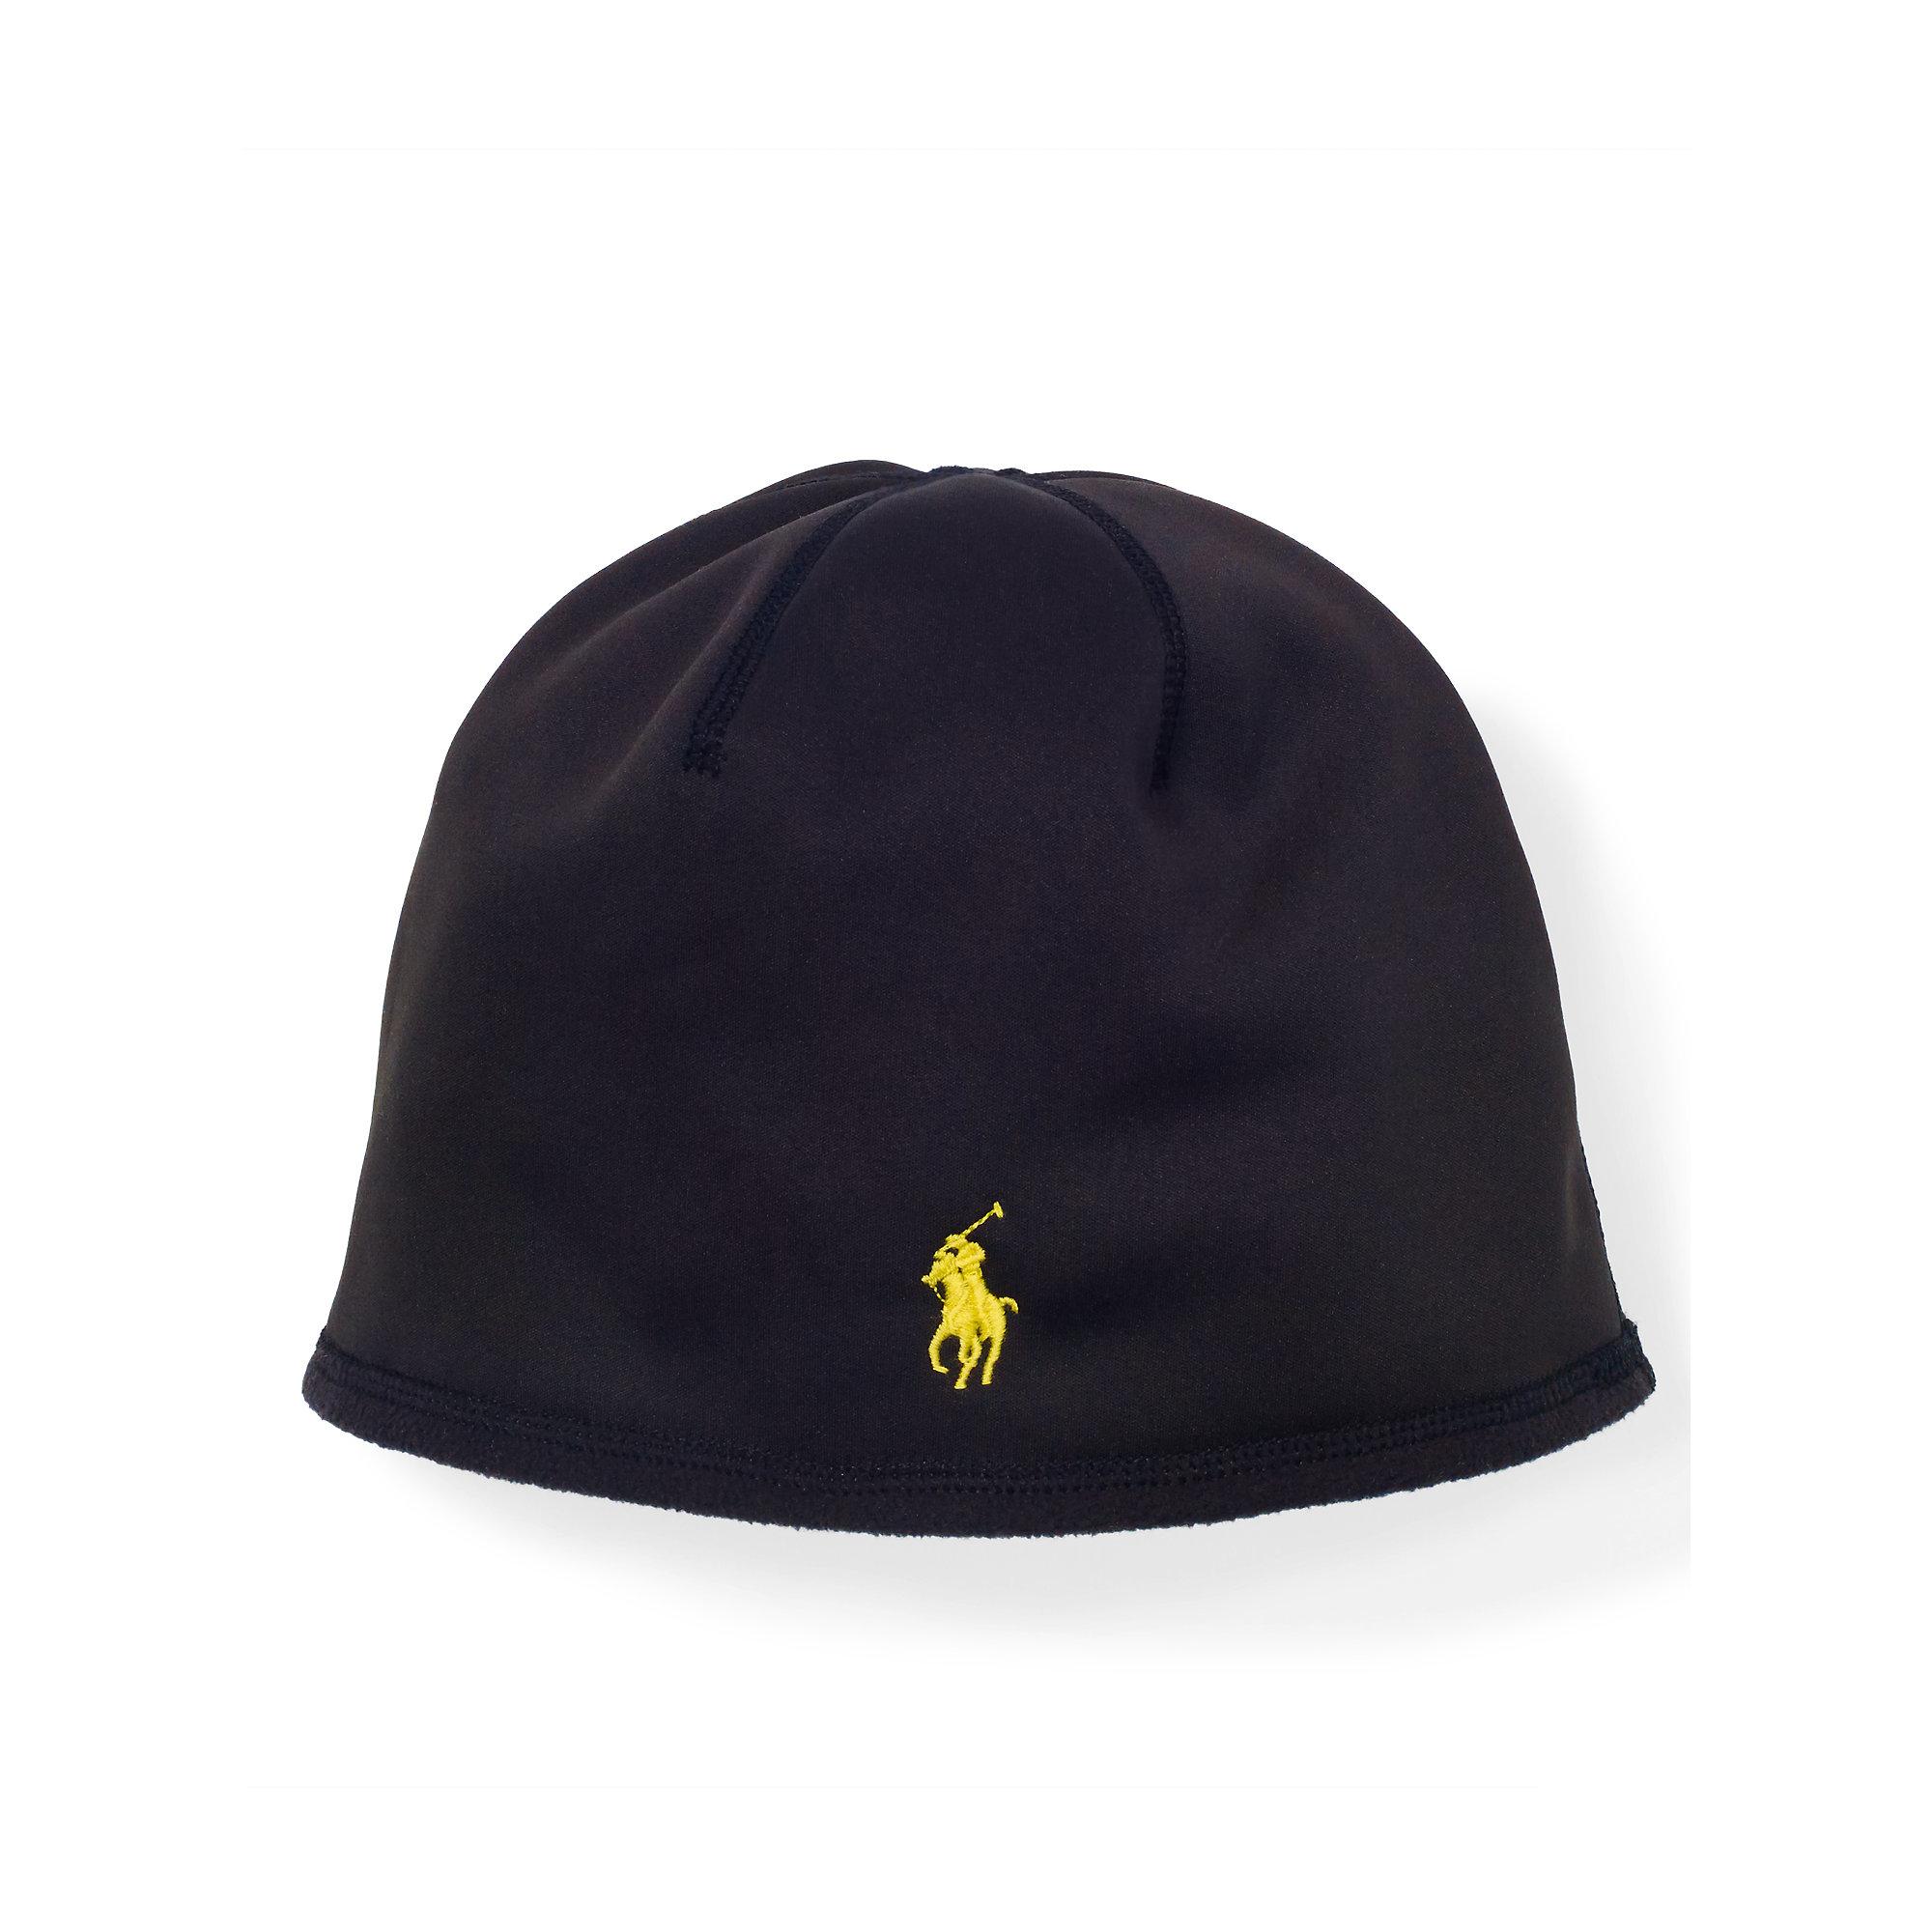 47dc81533f Polo Ralph Lauren Fleece Skull Cap in Black for Men - Lyst